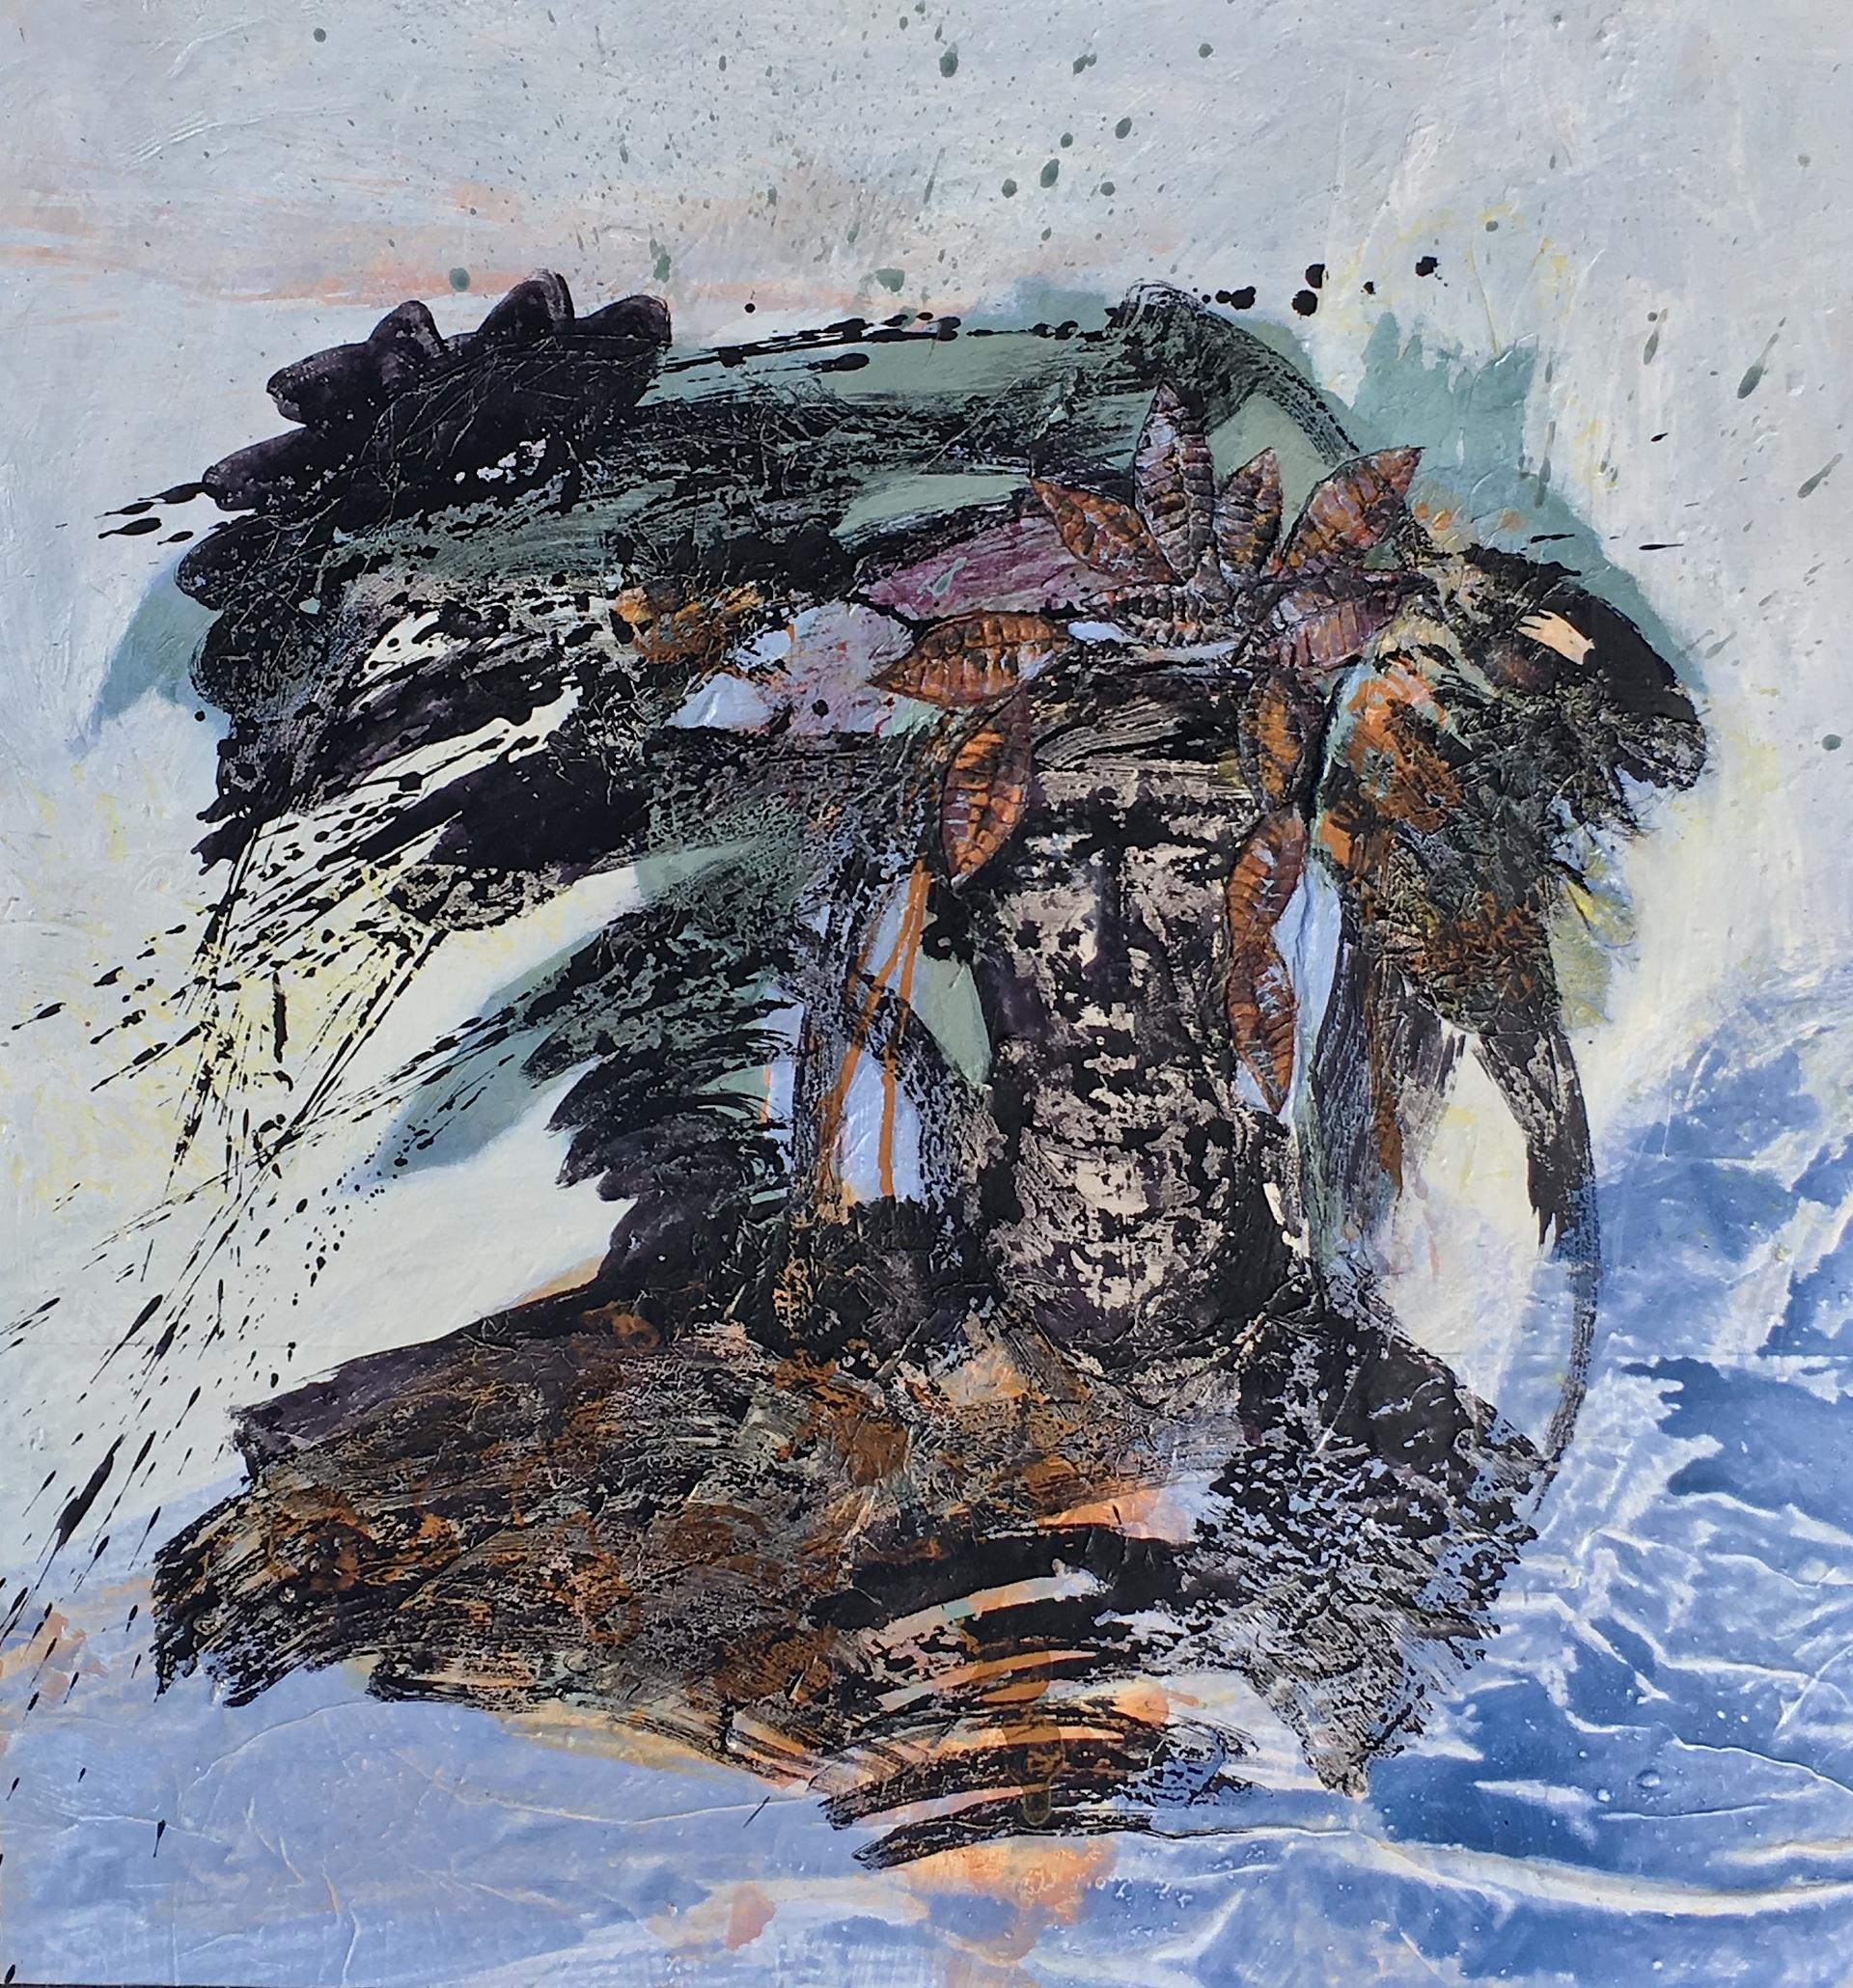 Homage to Frida by Chrissy Dolan-Terrasi